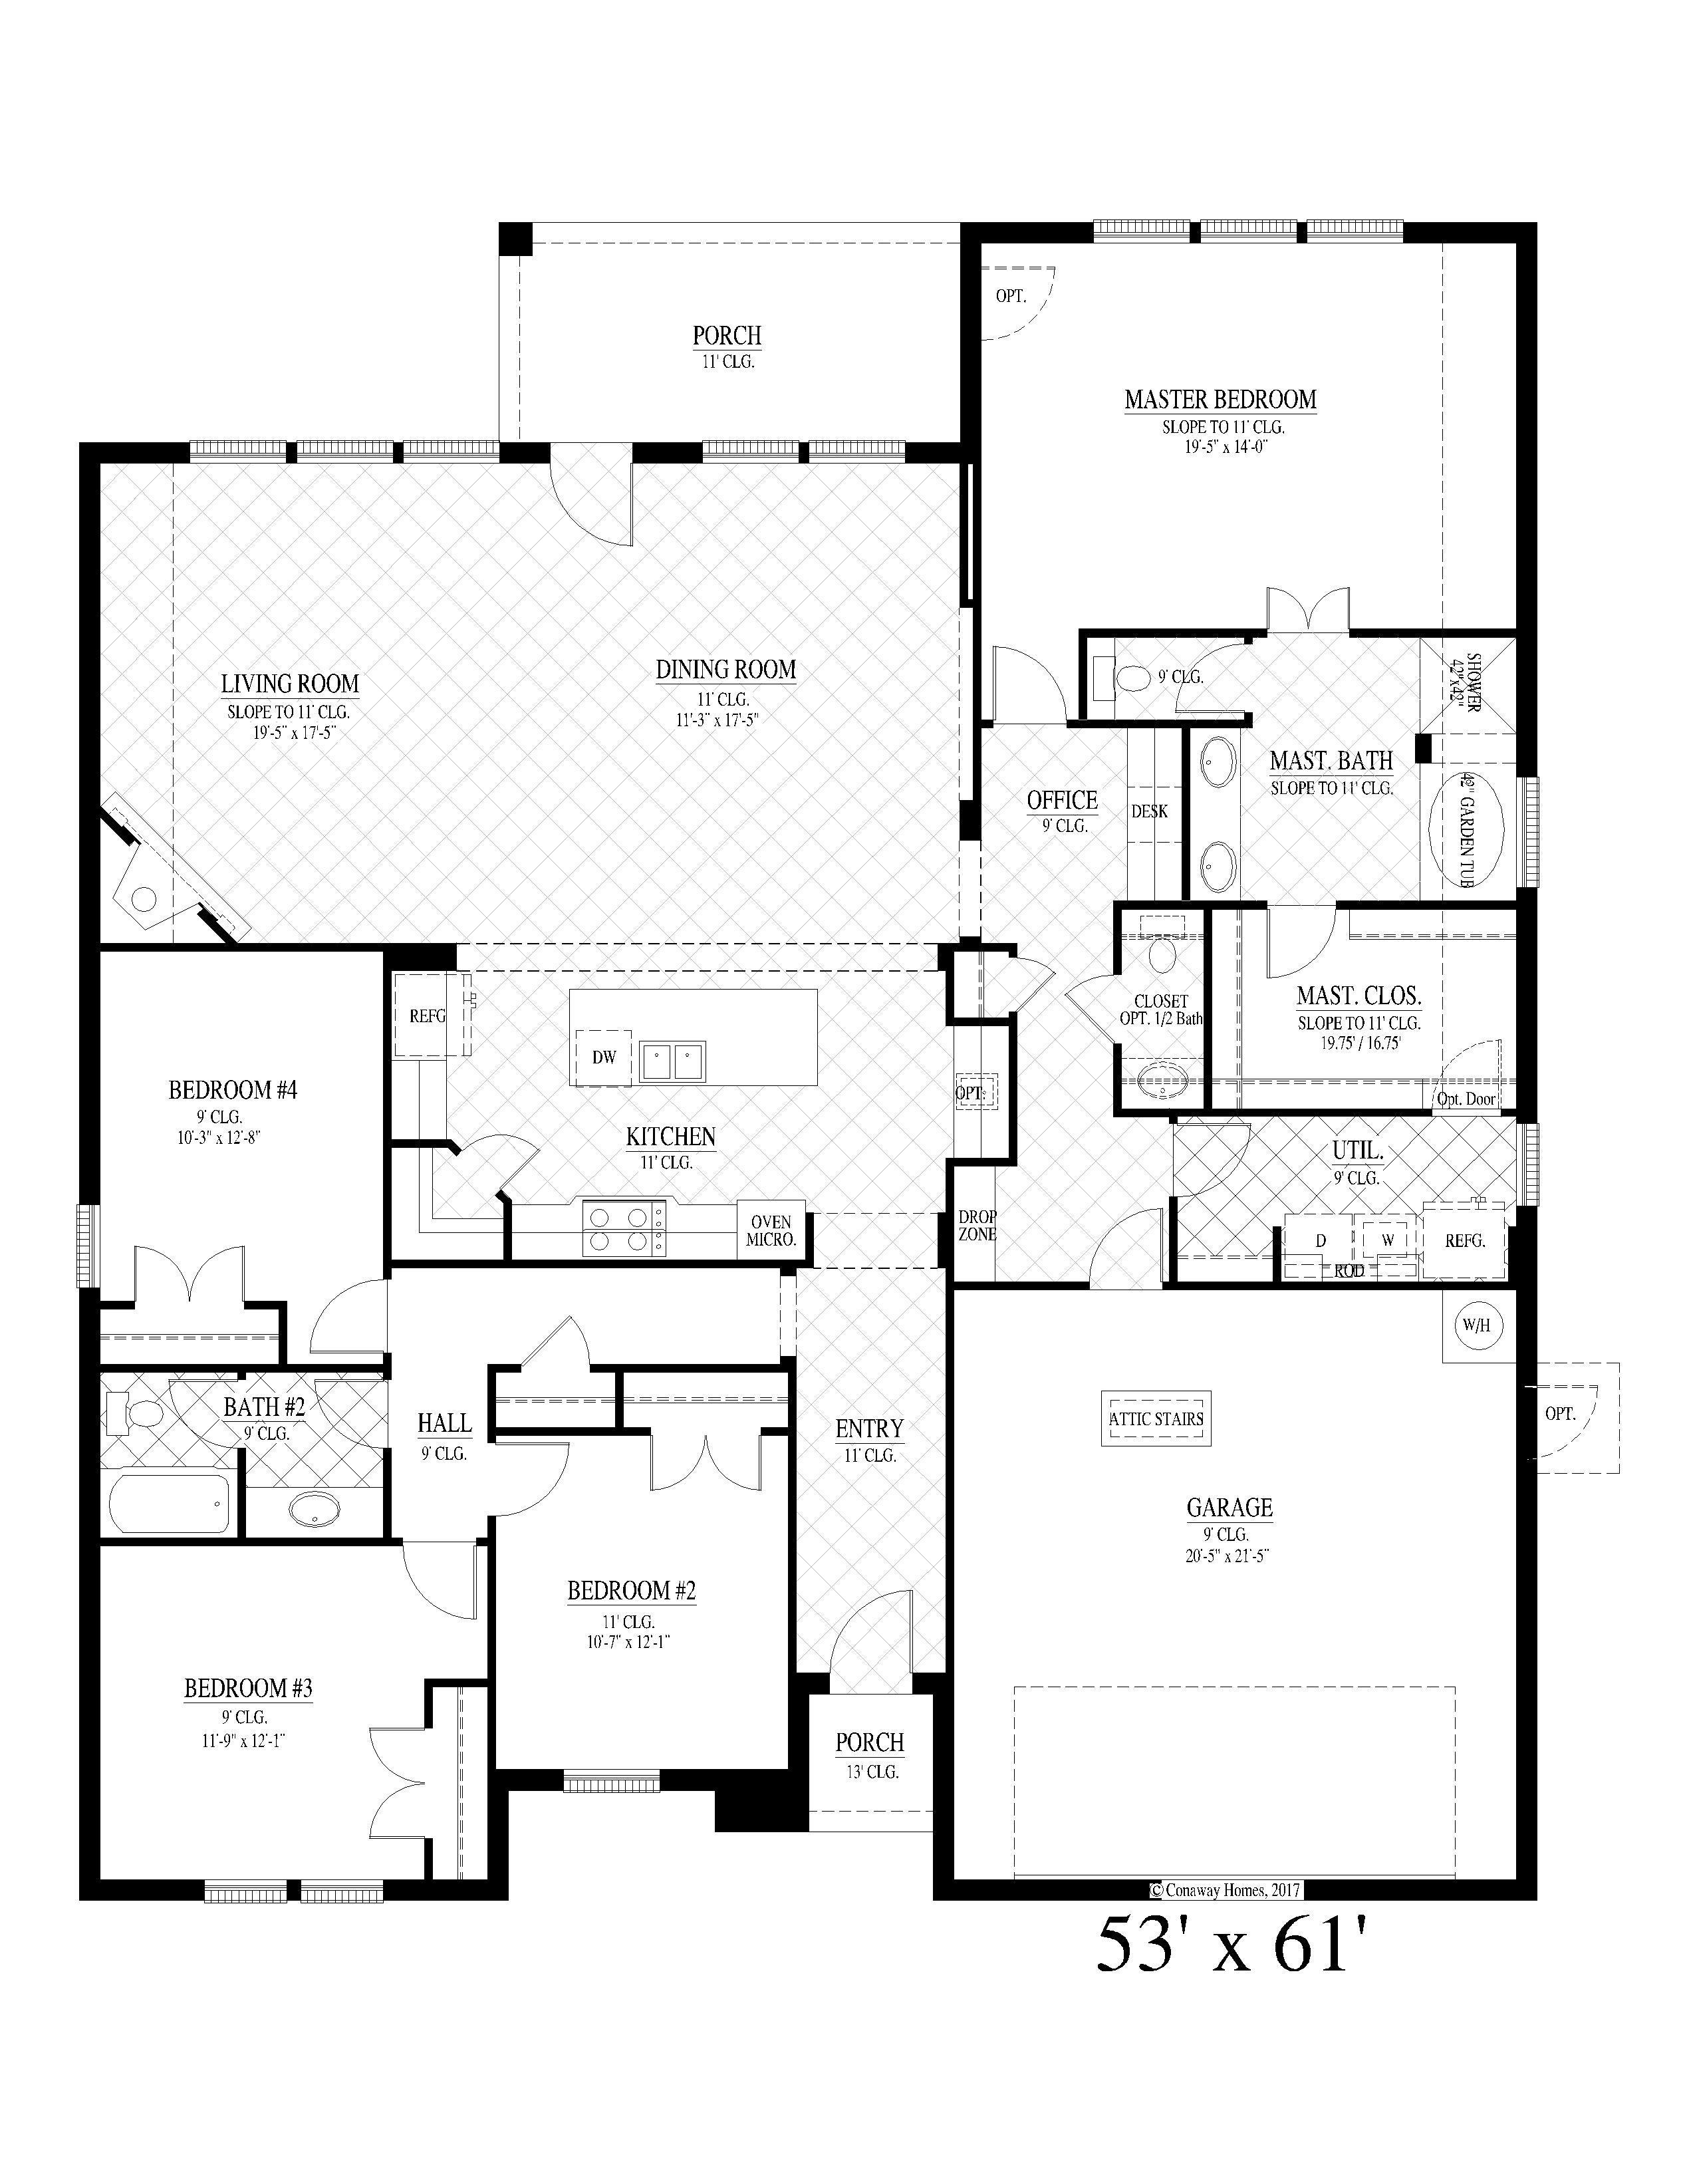 Hamilton-III Floorplan